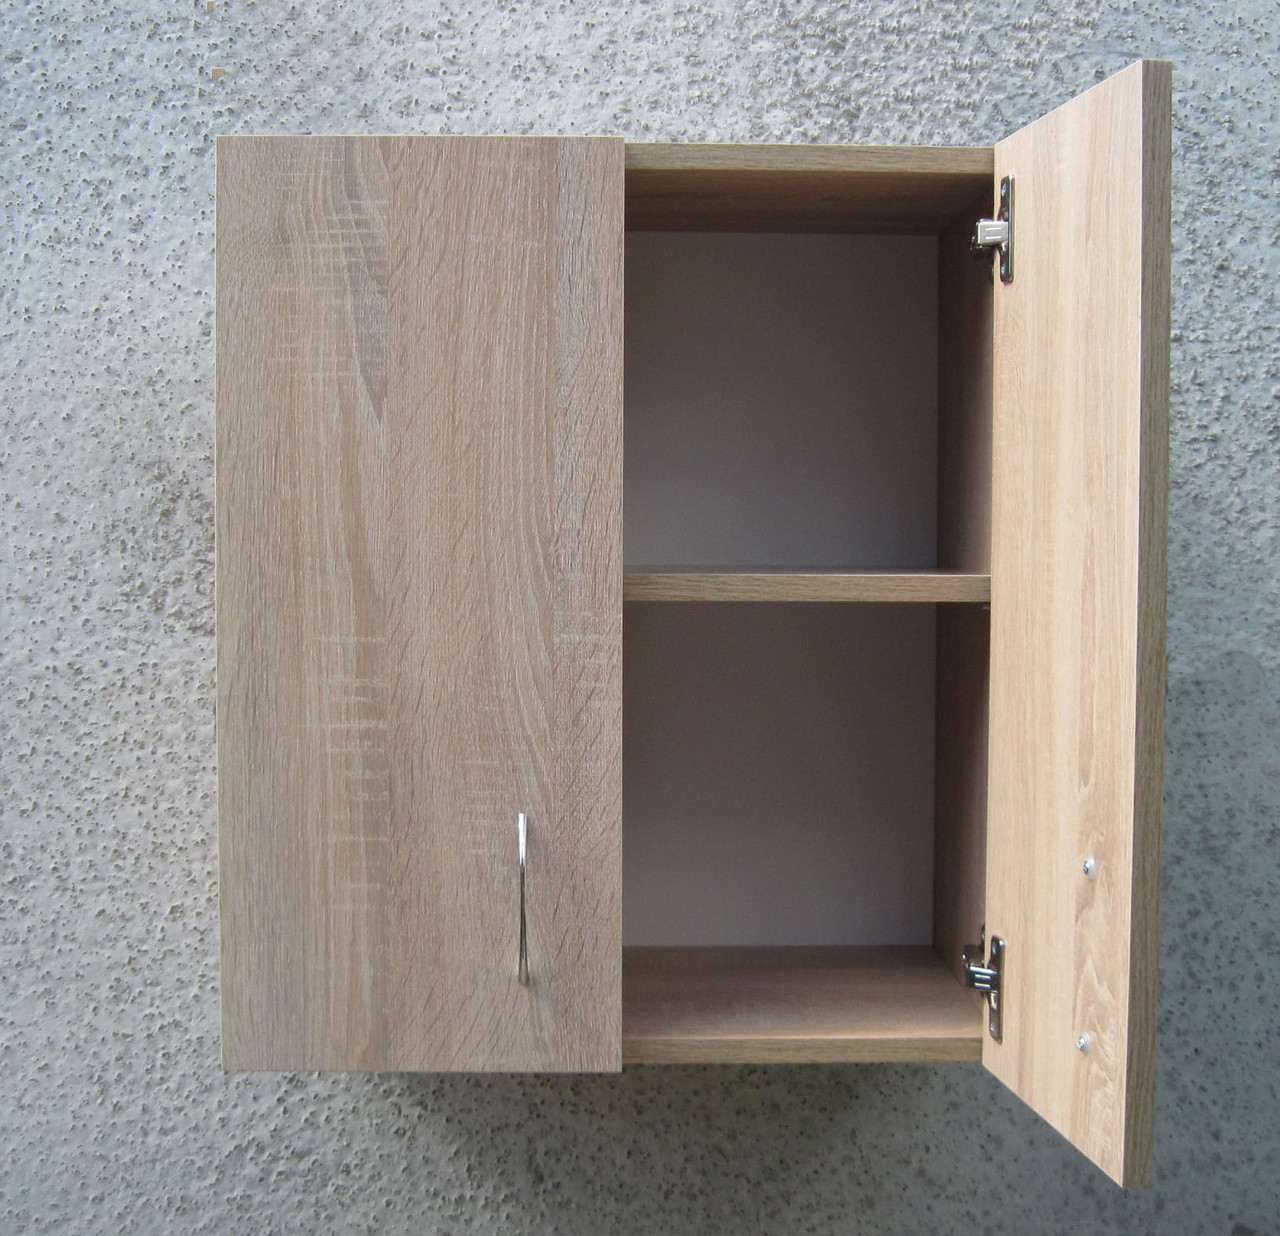 Шкаф  навесной  50х60х30 (Сонома)